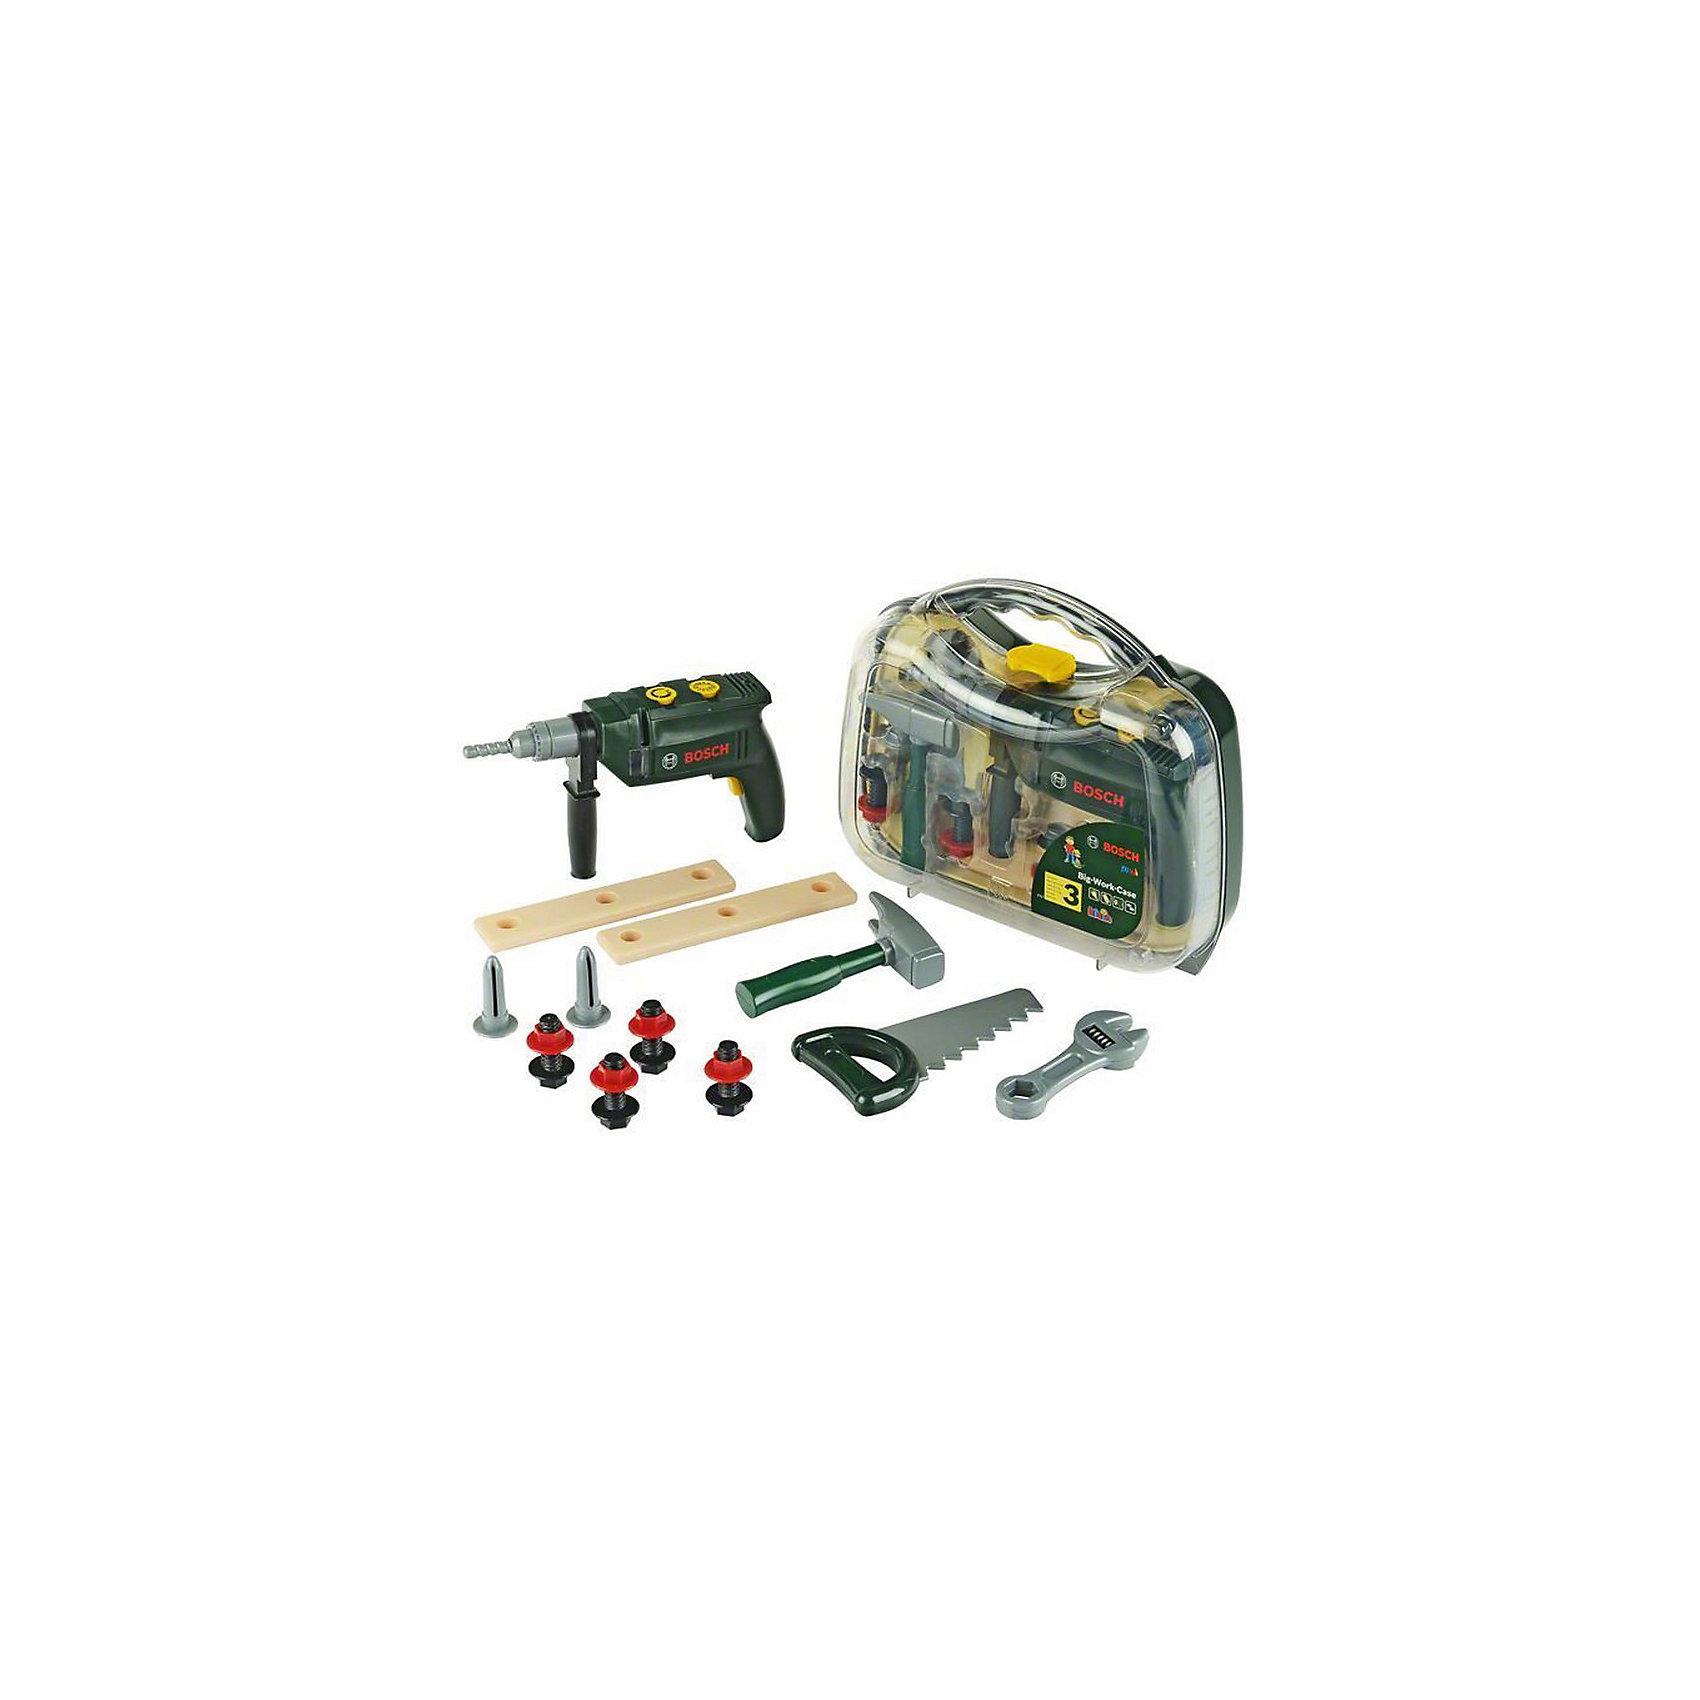 Набор инструментов с дрелью Bosch, KleinМастерская и инструменты<br>Набор инструментов с дрелью Bosch (Бош) от популярного немецкого бренда игрушек для детей Klein (Кляйн) станет отличным дополнением к играм мальчиков. Стильный и современный полупрозрачный чемоданчик включает в себя все нужные предметы для починки и создания нового. В набор включена интерактивная дрель с кнопкой, издающая звуки, болты с шайбами,  гаечный ключ, слесарный молоток, гвозди, пила. В чемоданчик вошли бруски с отверстиями. С такой игрушкой ребенок легко освоит основные инструменты и научится в ними обращаться в дружелюбной среде. Играя с набором ребенок сможет развить воображение и моторику рук.<br>Дополнительная информация:<br><br>- В комплект входит: чемодан, интерактивная молоток, дрель, пила, гаечный ключ, болты с шайбами 4 шт., гвозди 2 шт., 2 пластиковых бруска<br>- Состав: пластик<br>- Параметры: 27 * 8 * 22 см. <br>- Элементы питания: 2 * 1,5 V (R6) АА  <br><br>Набор инструментов с дрелью, Klein (Кляйн) можно купить в нашем интернет-магазине.<br>Подробнее:<br>• Для детей в возрасте: от 3 до 6 лет <br>• Номер товара: 5055279<br>Страна производитель: Китай<br><br>Ширина мм: 283<br>Глубина мм: 540<br>Высота мм: 266<br>Вес г: 800<br>Возраст от месяцев: 36<br>Возраст до месяцев: 120<br>Пол: Мужской<br>Возраст: Детский<br>SKU: 5055279